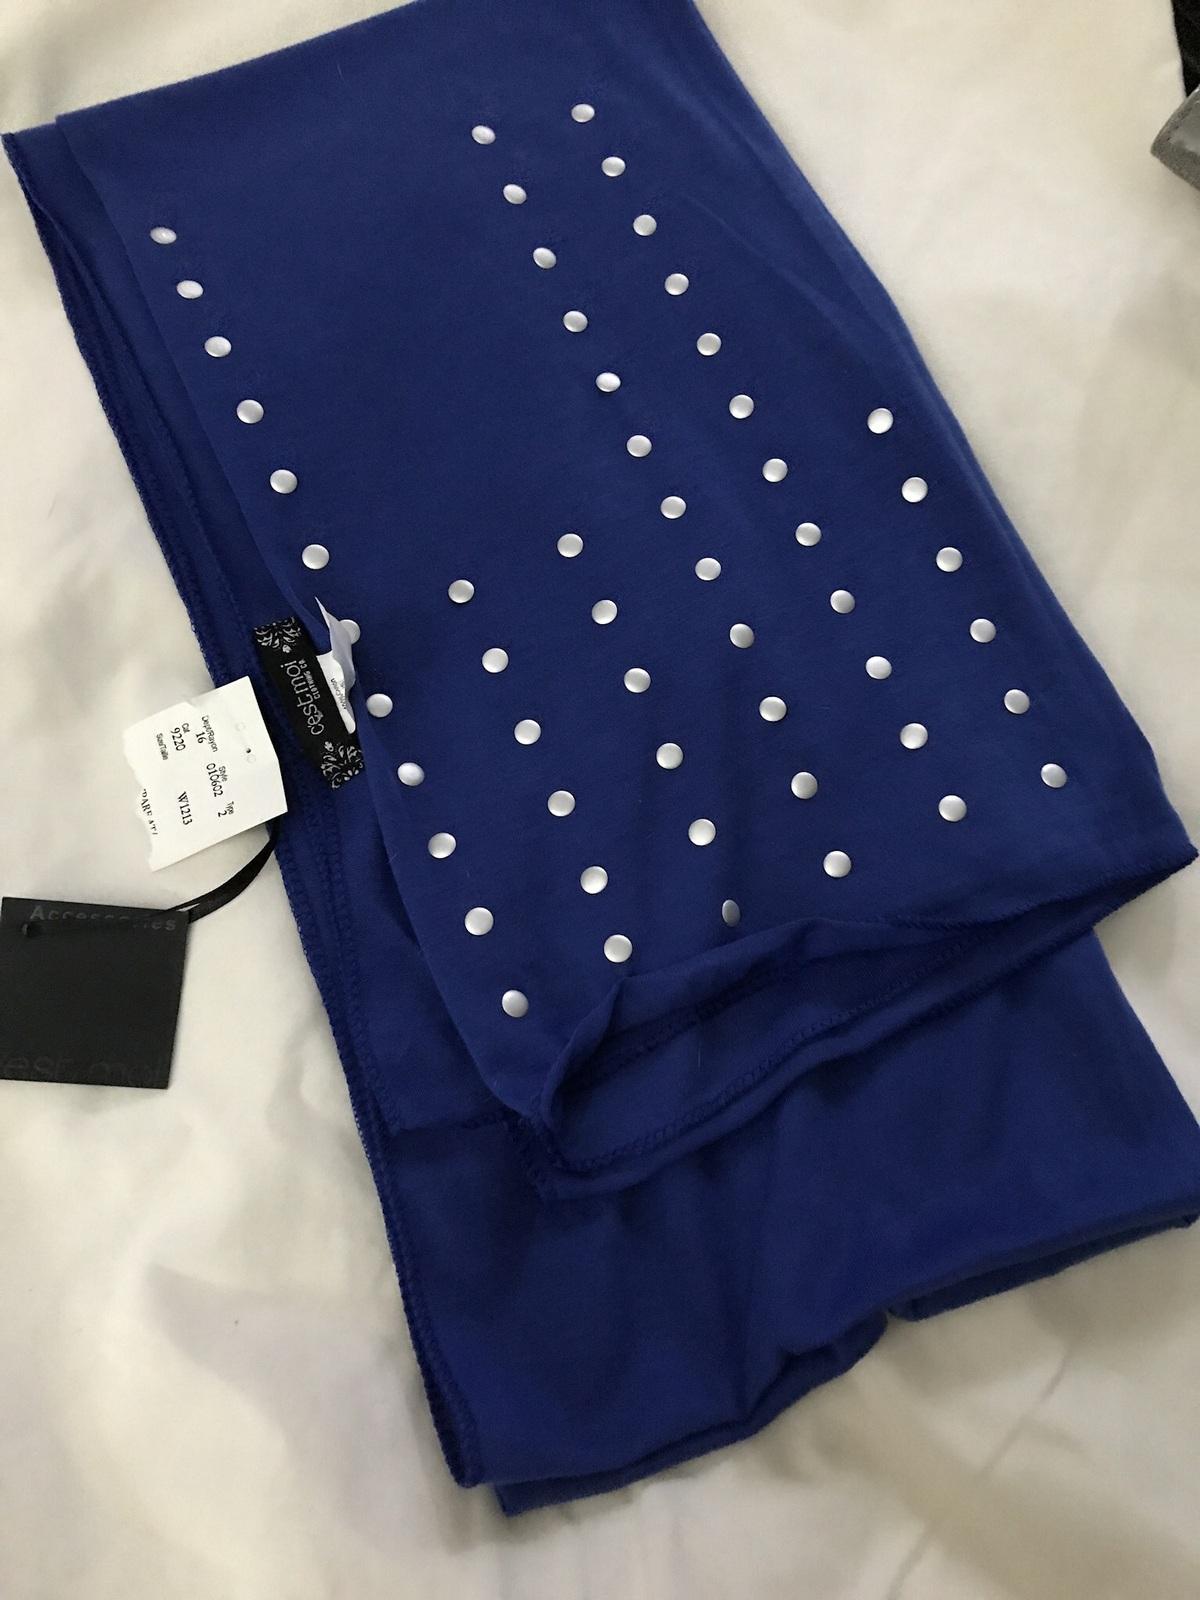 NWT Women's' Royal Blue Scarff